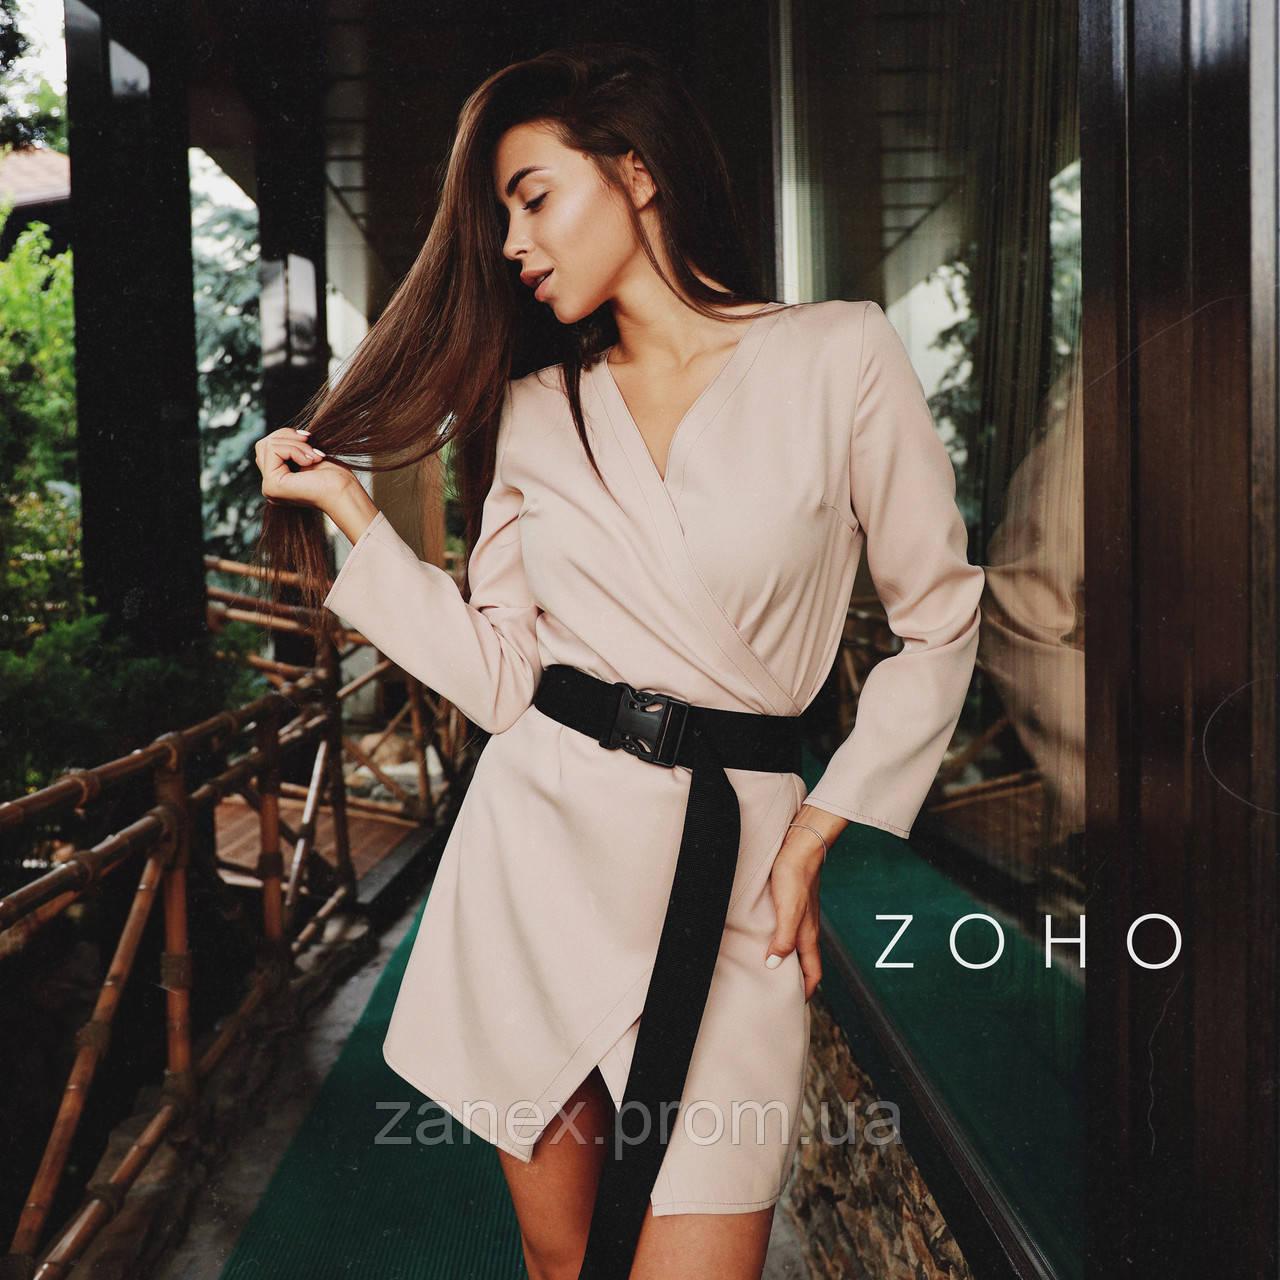 Платье Zanex «Кико», бежевое